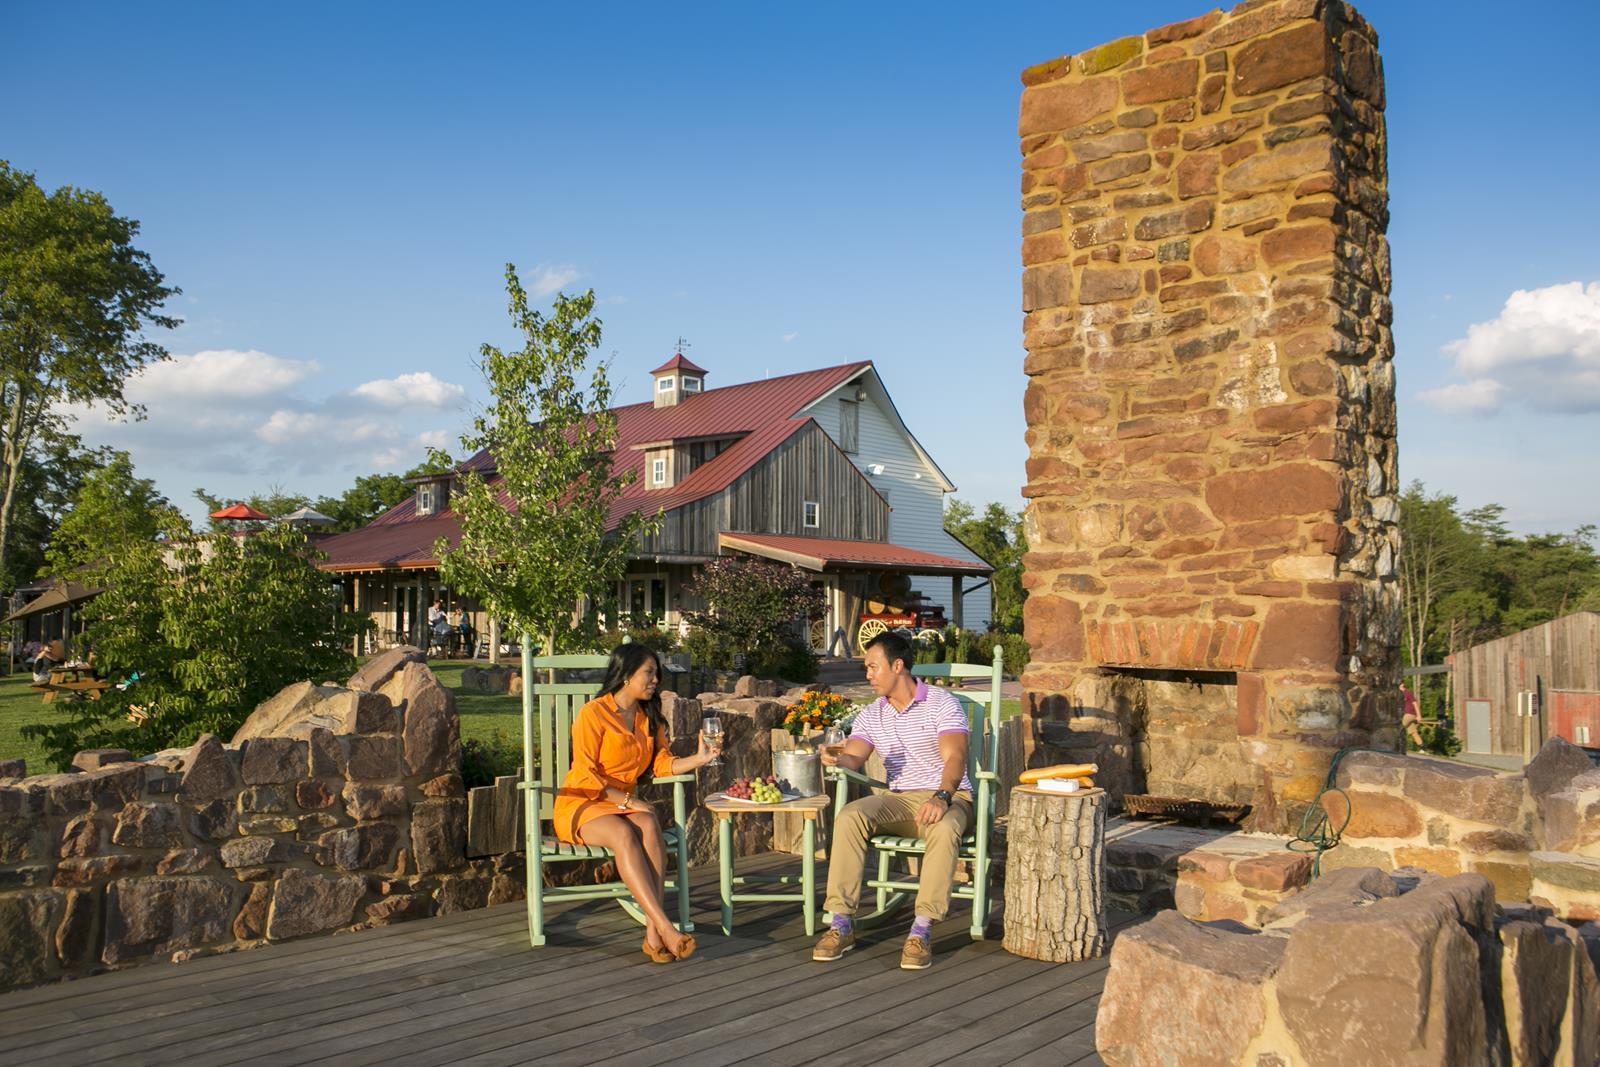 The Winery at Bull Run credit Visit Fairfax